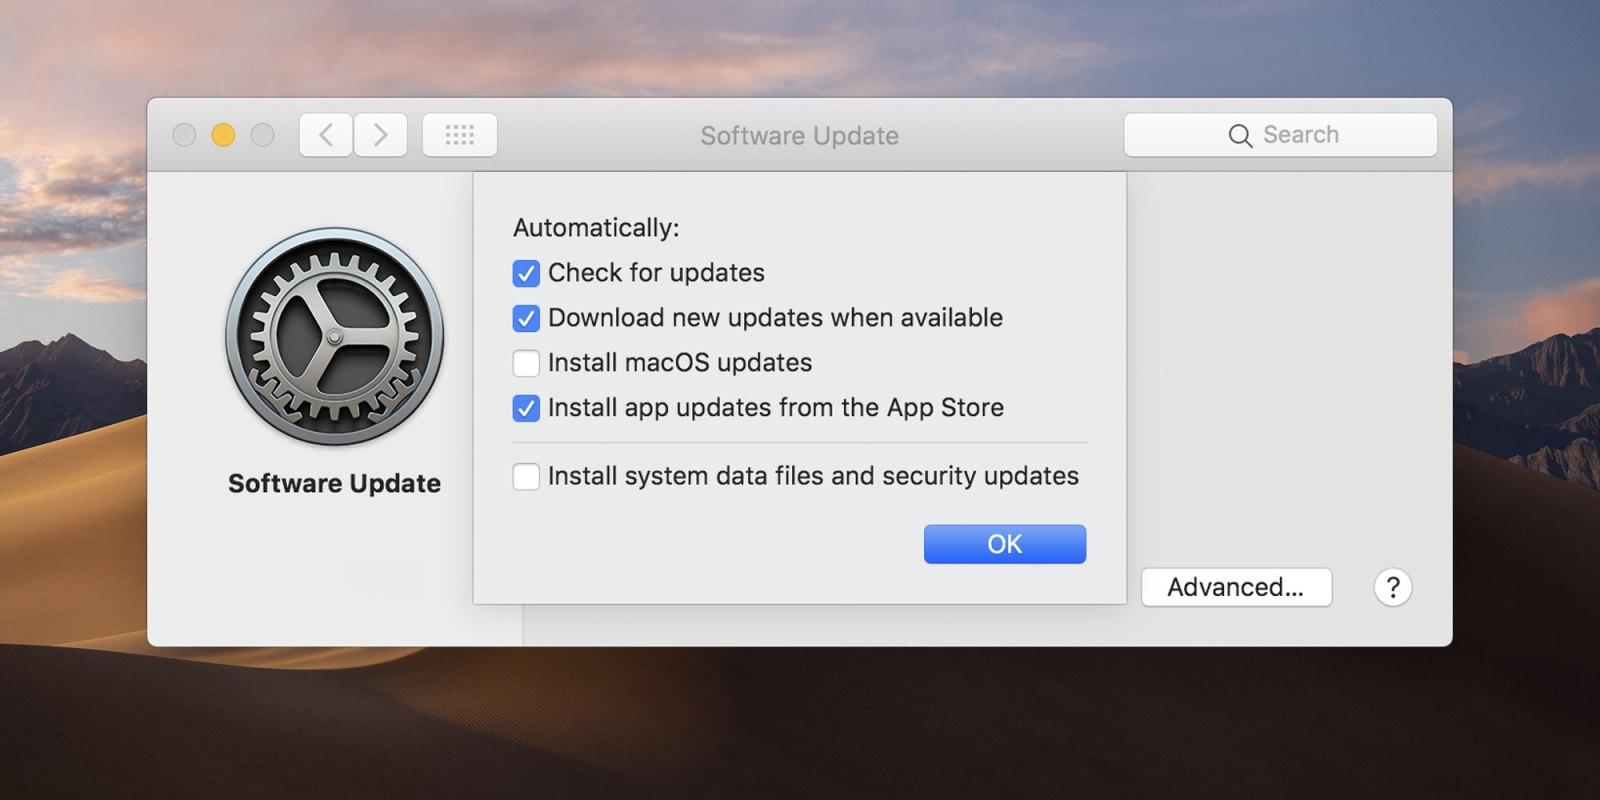 كيفية إدارة تحديثات التطبيقات في macOS